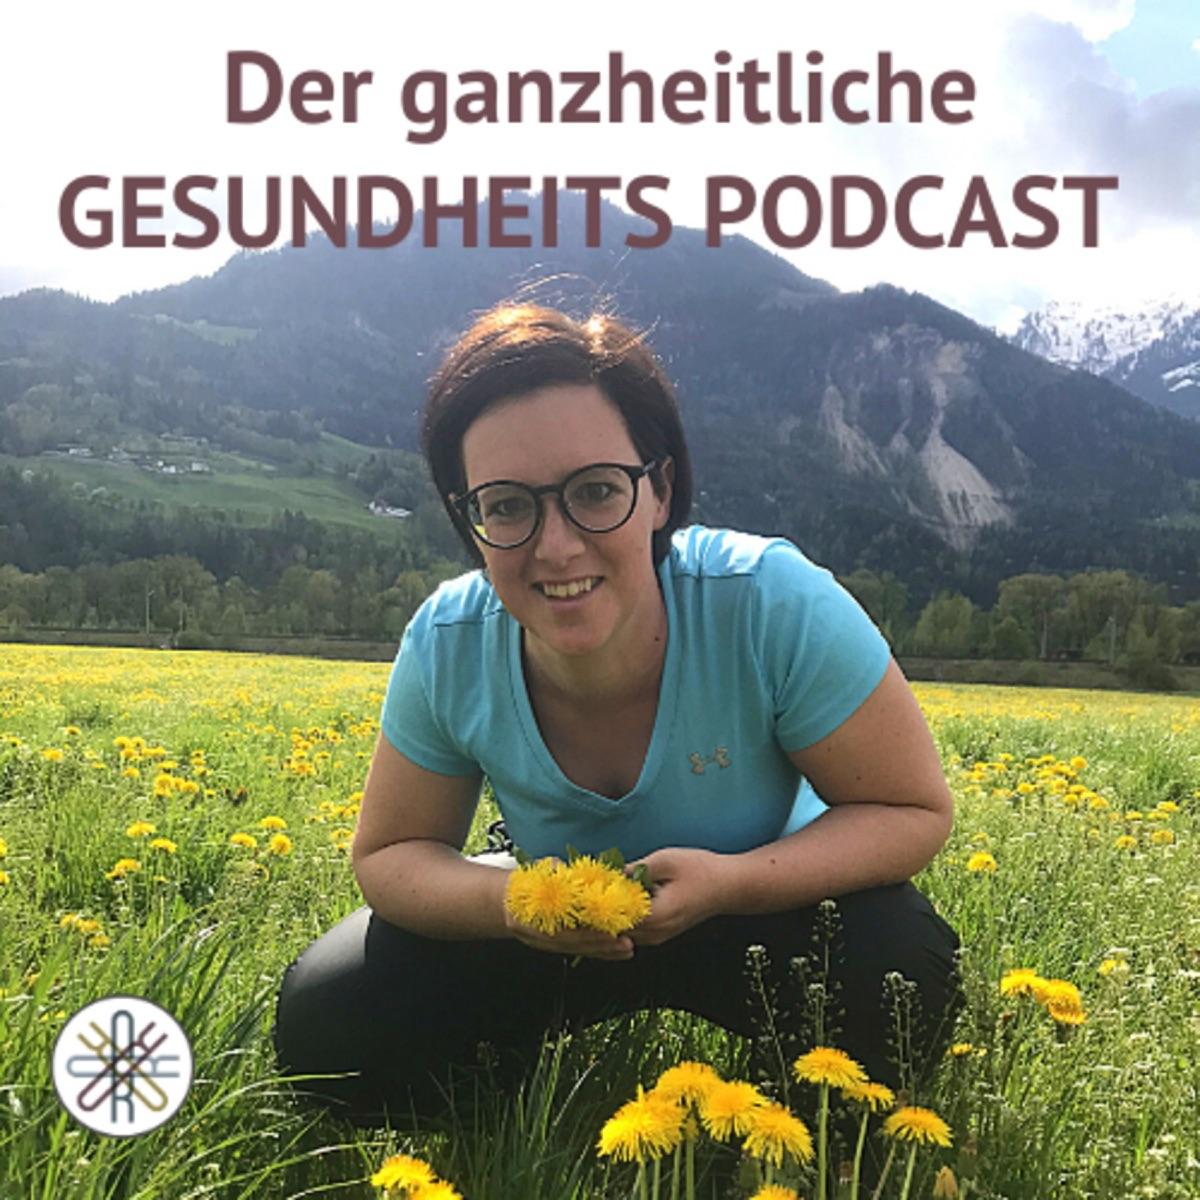 Der ganzheitliche Gesundheits Podcast